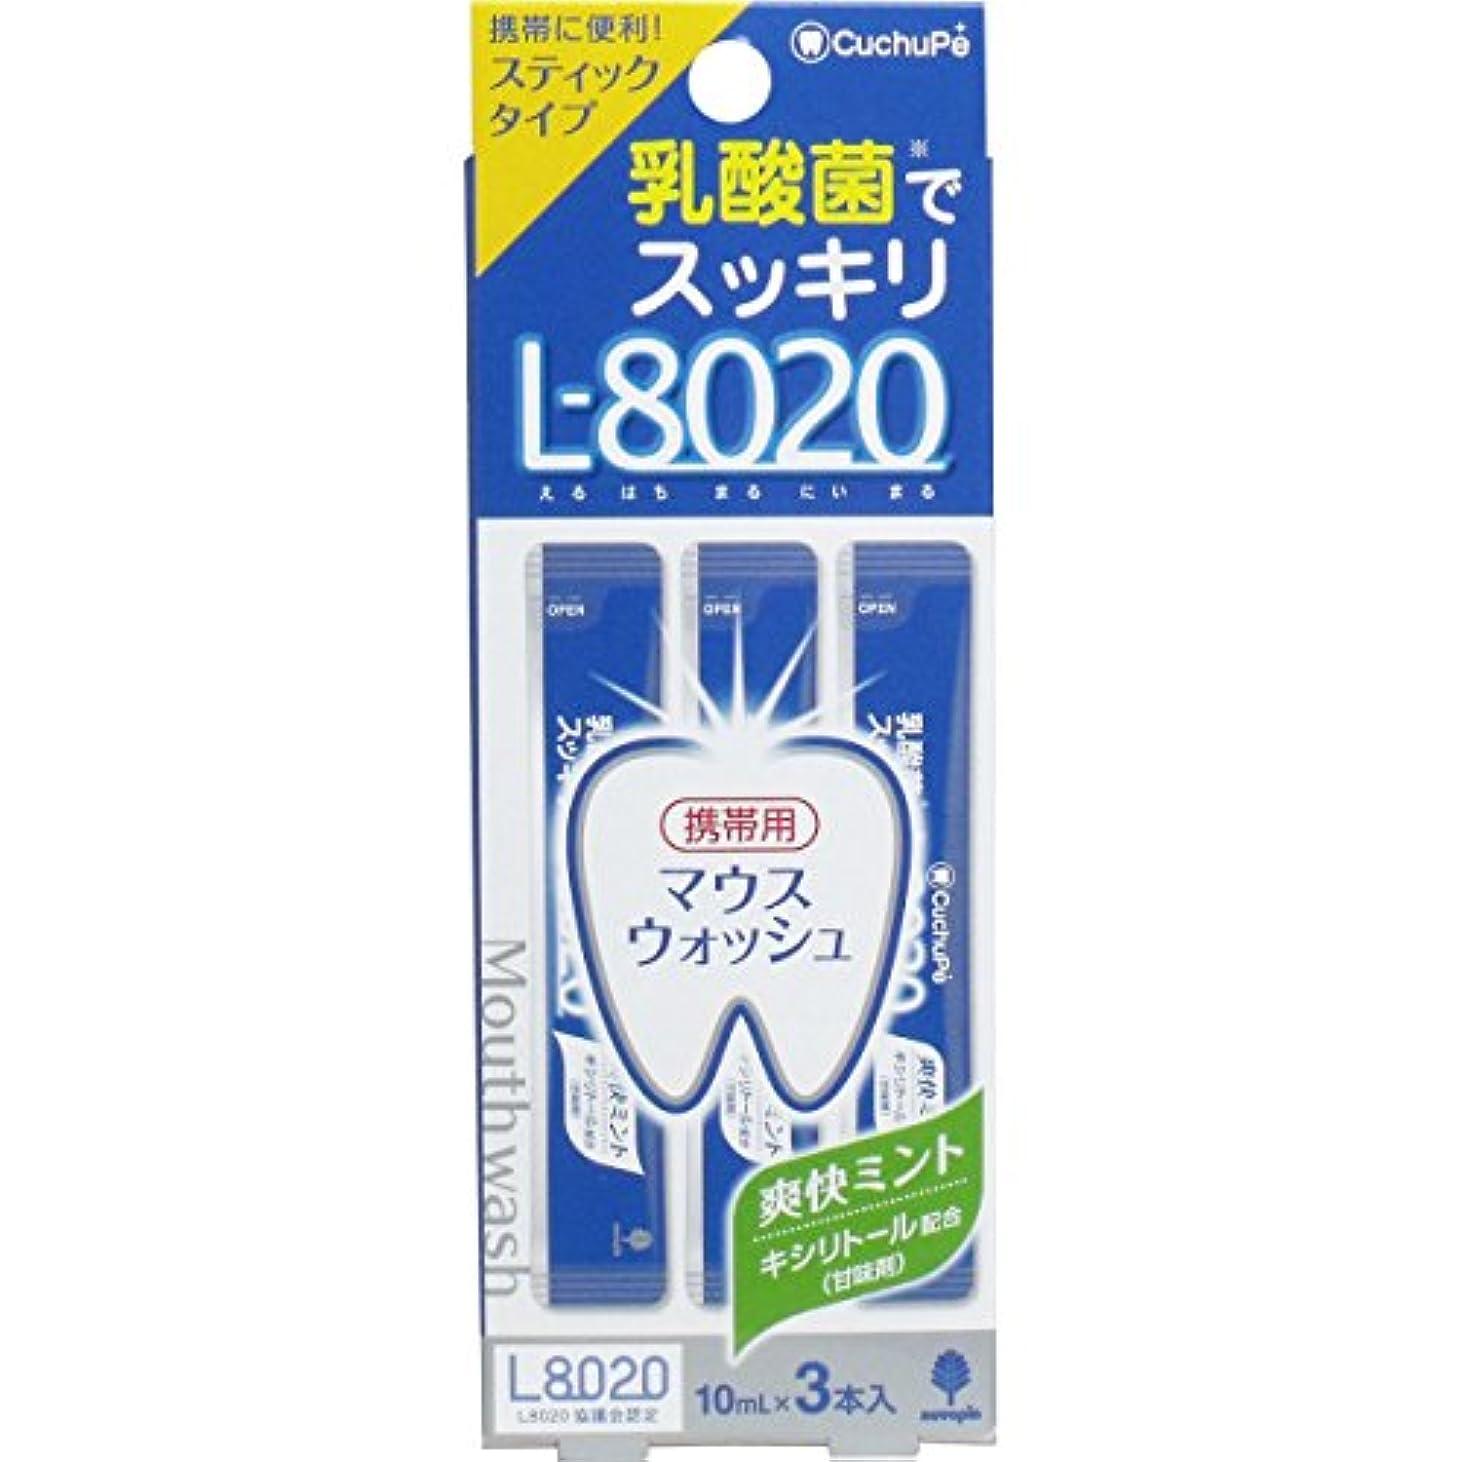 高価な経済量で紀陽除虫菊 クチュッペ L-8020 マウスウォッシュ 爽快ミント スティックタイプ 10mL*3本入 4971902070872